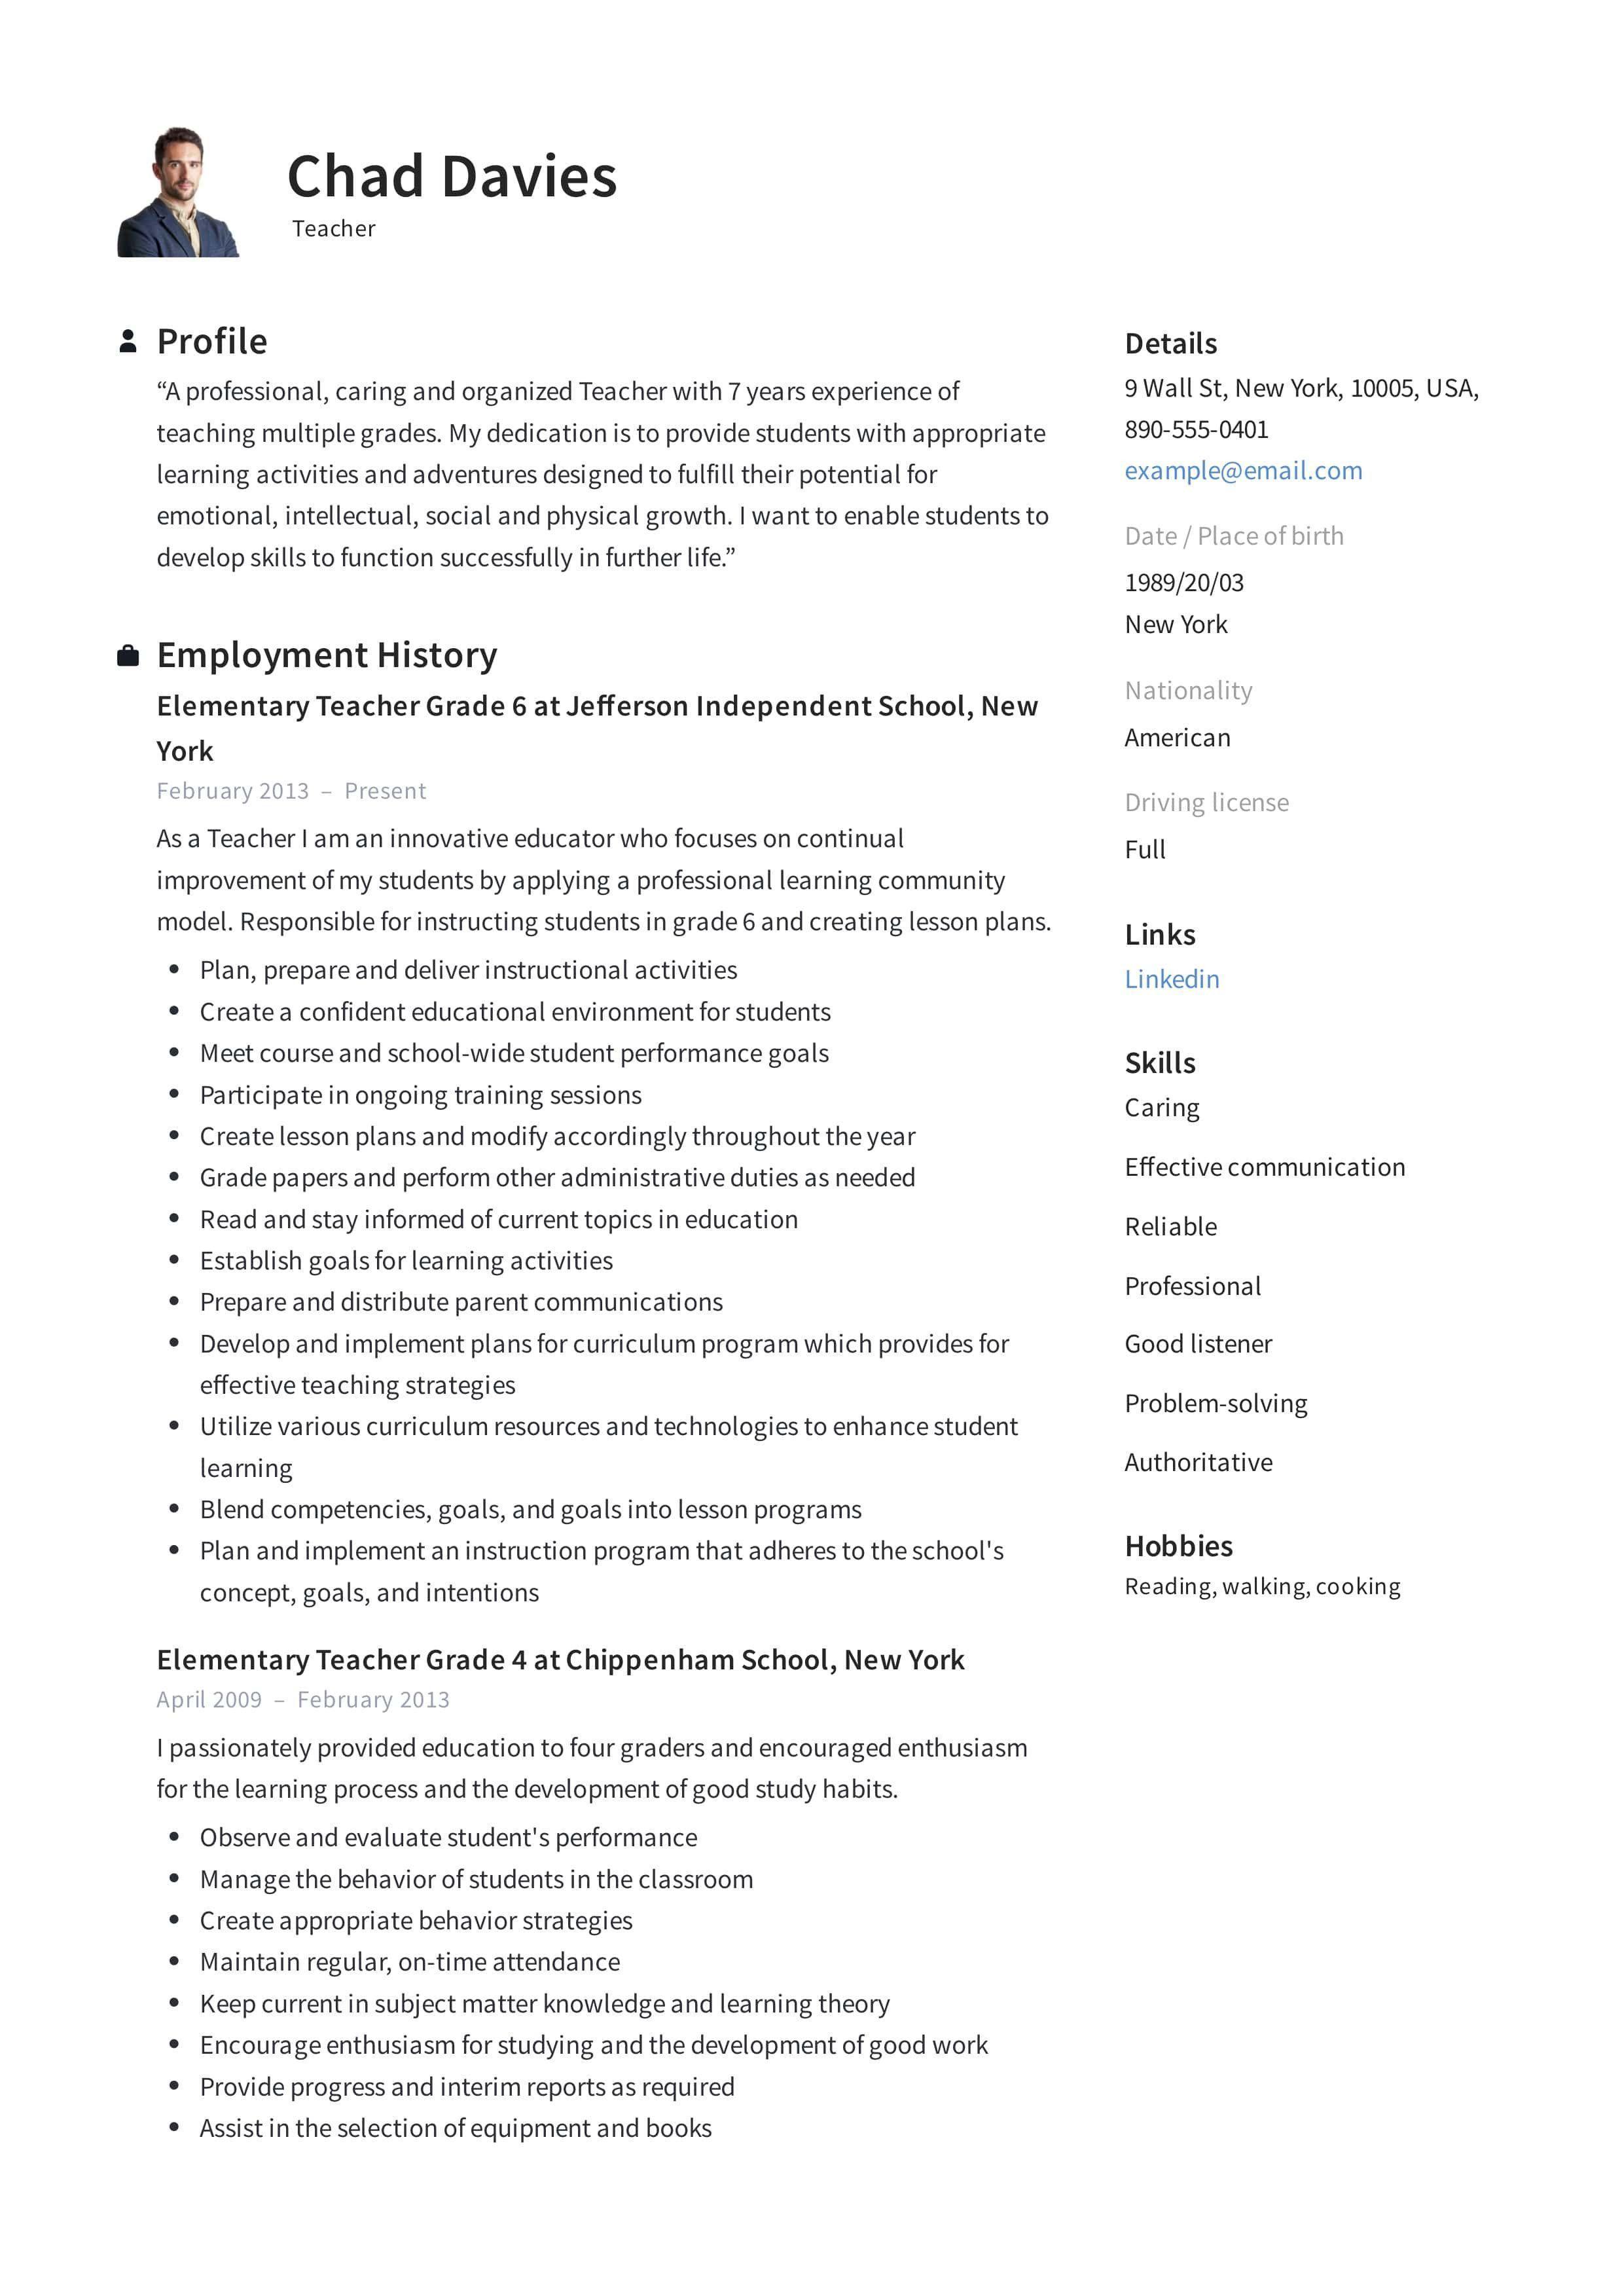 Sample Resume Skills For Teachers